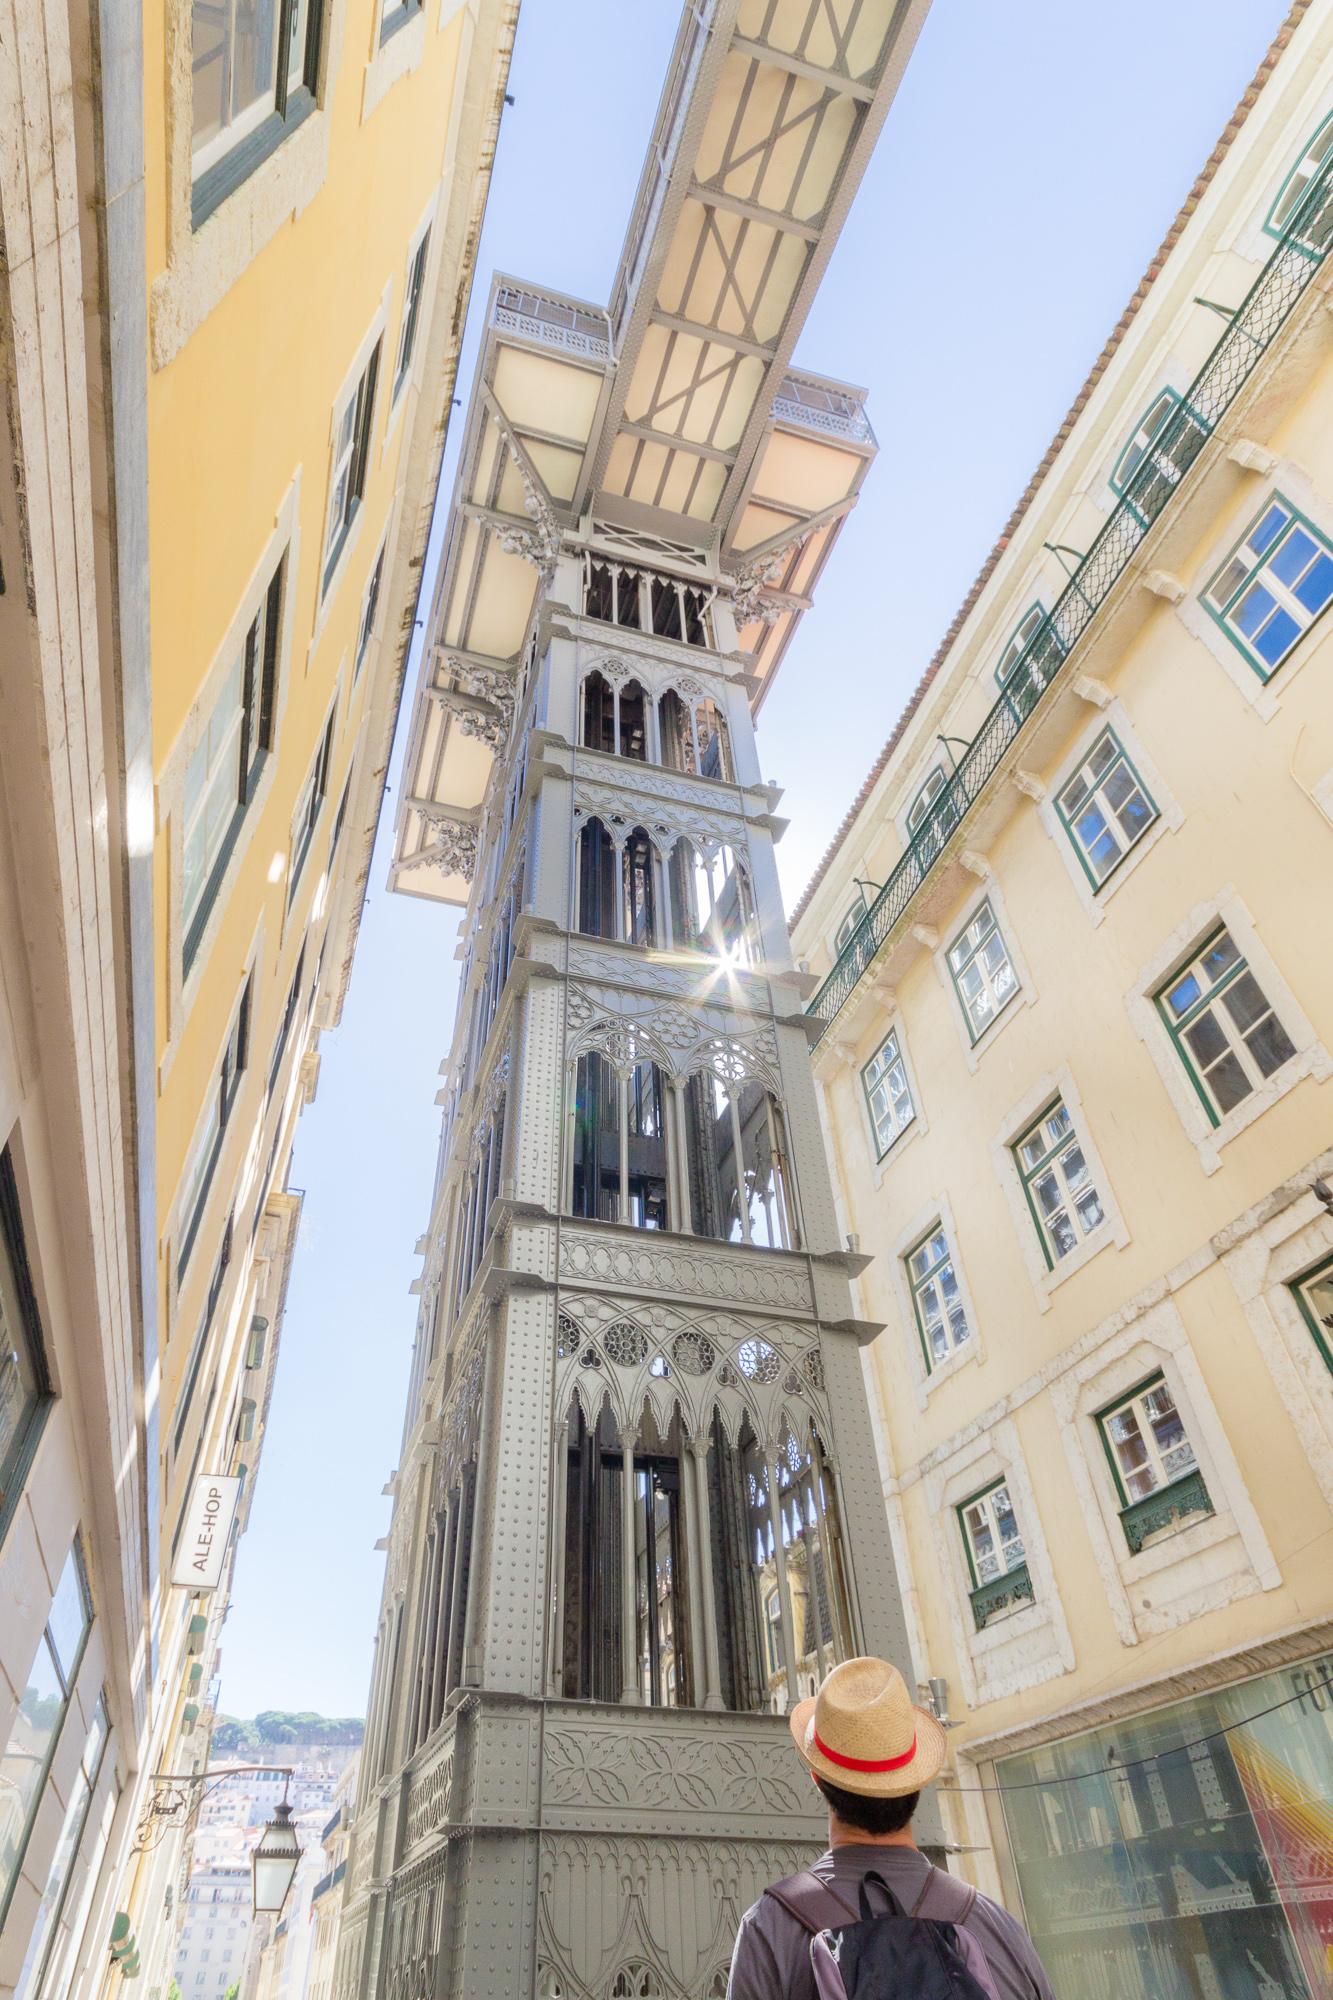 contre-plongée et rayon de soleil elevator Santa Justa, architecture, Lisbonne, Portugal